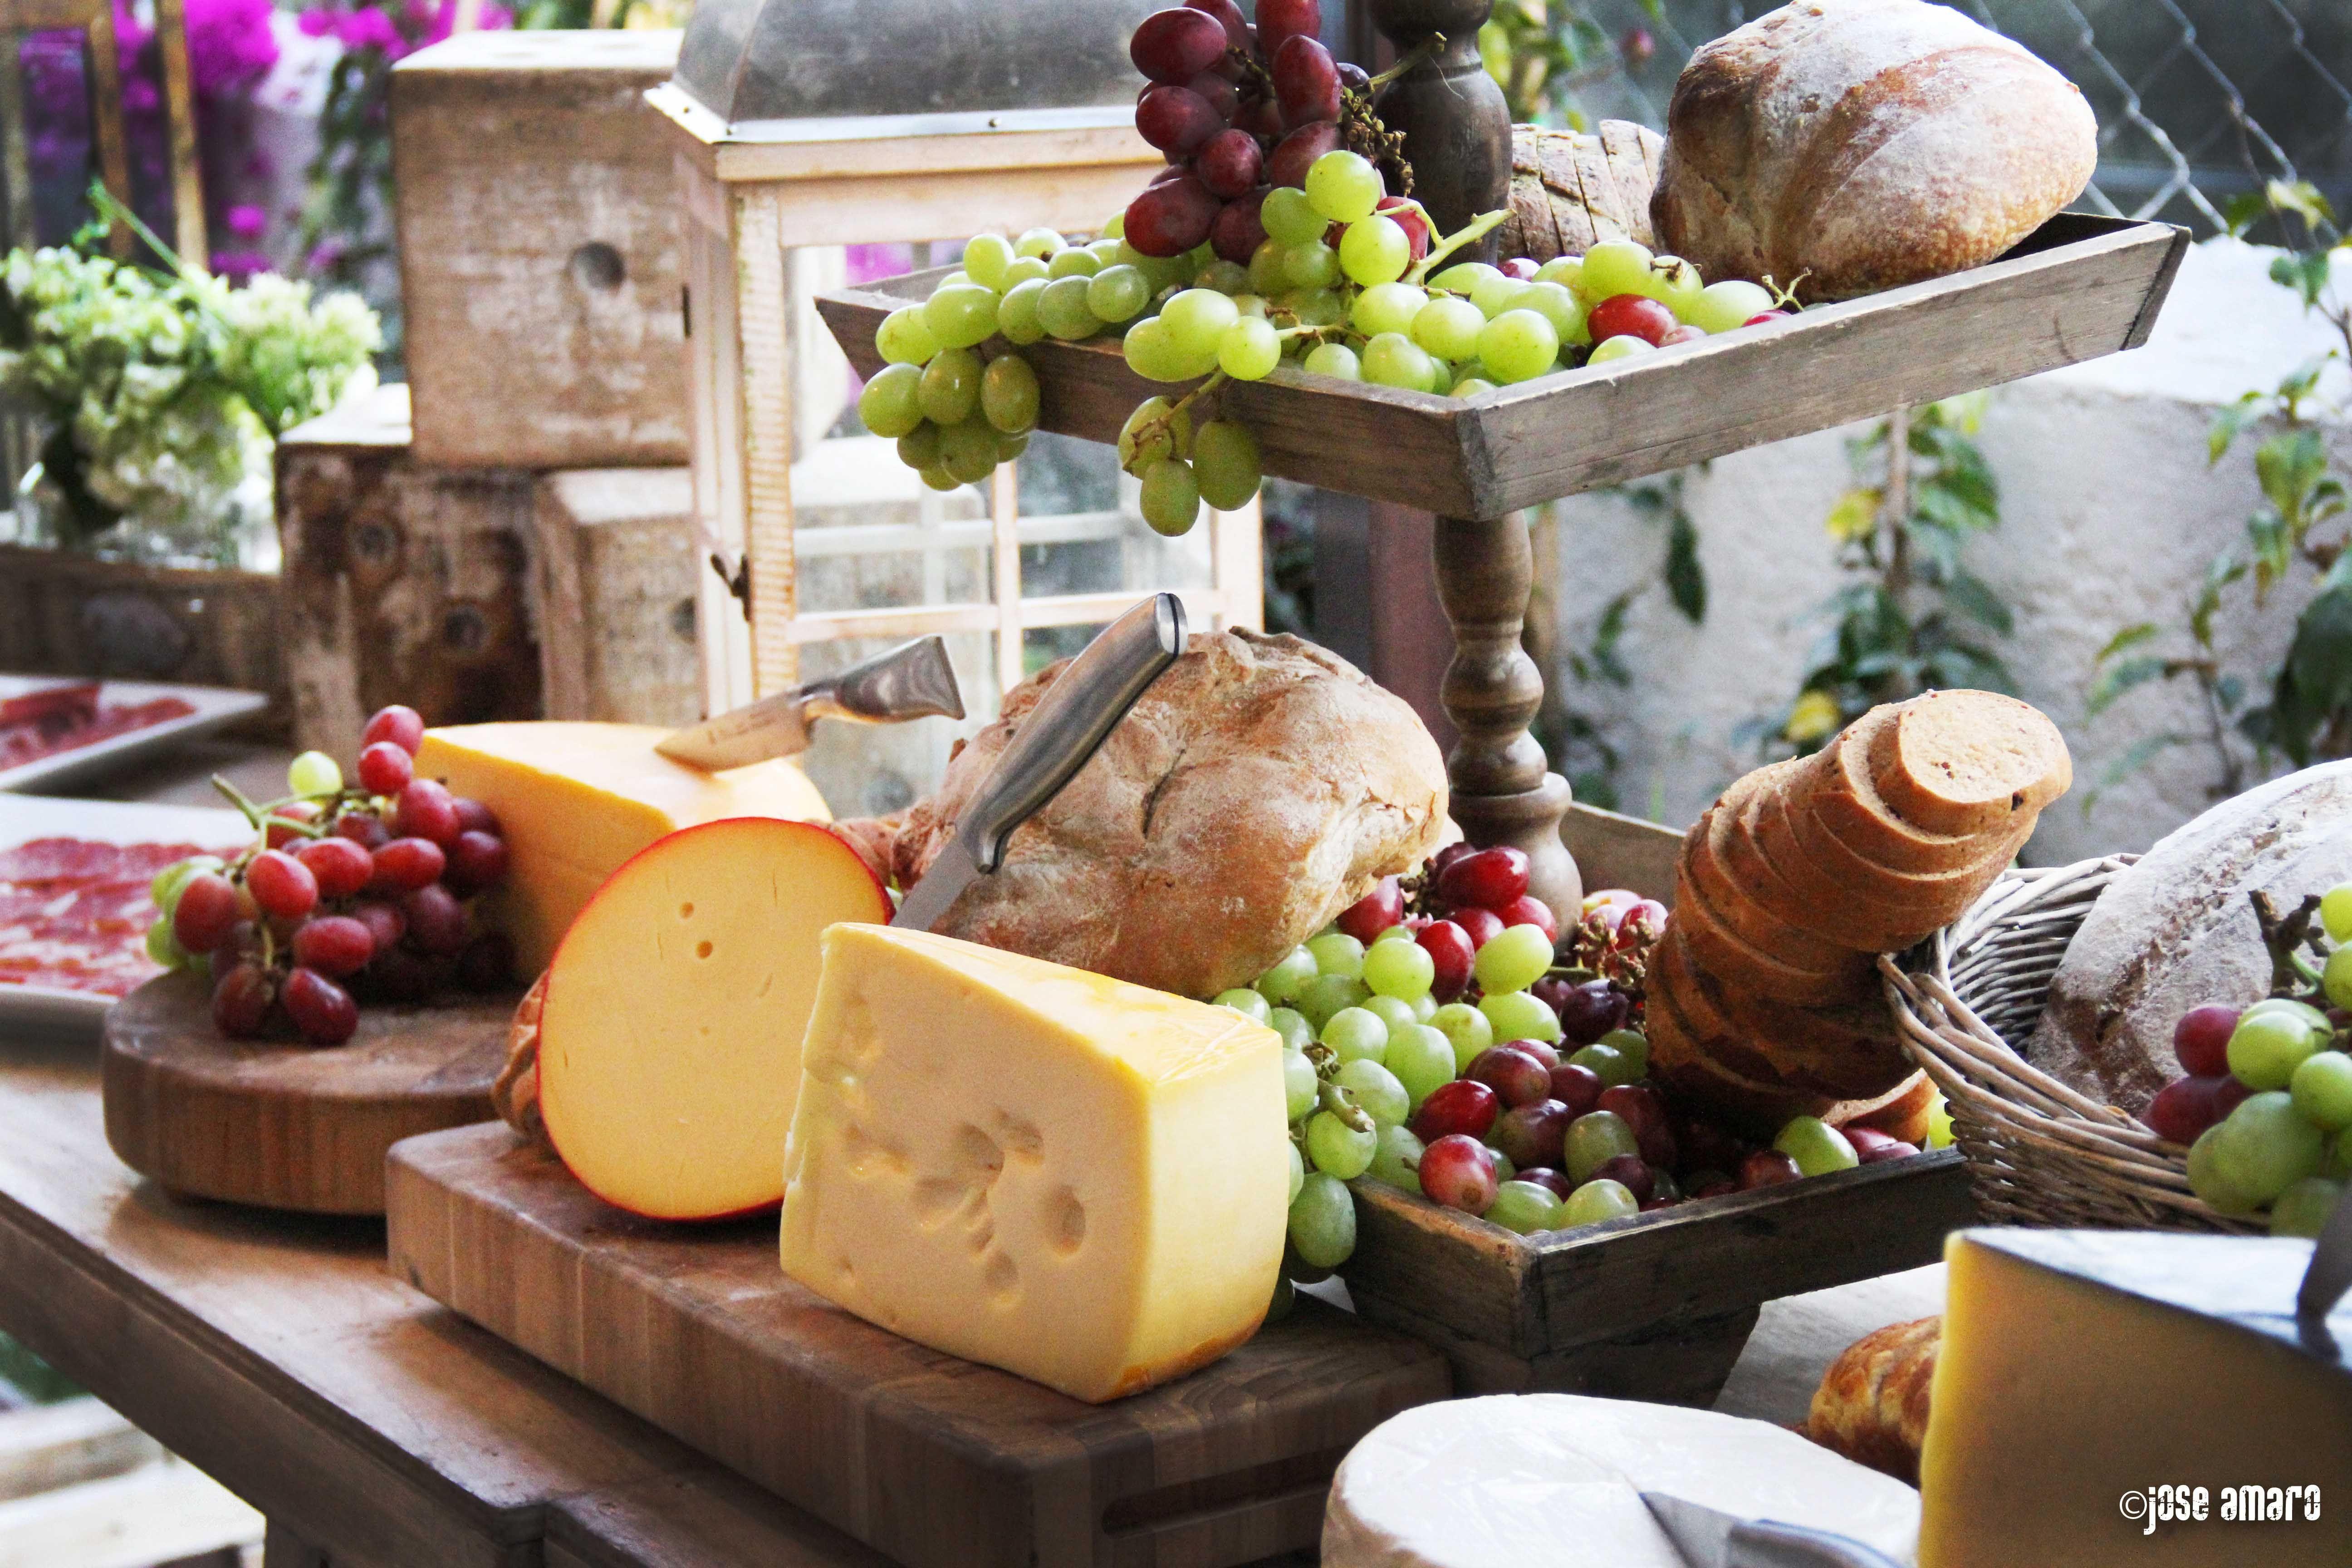 Tabla de quesos y carnes frias buscar con google tabla - Tablas para mesas ...